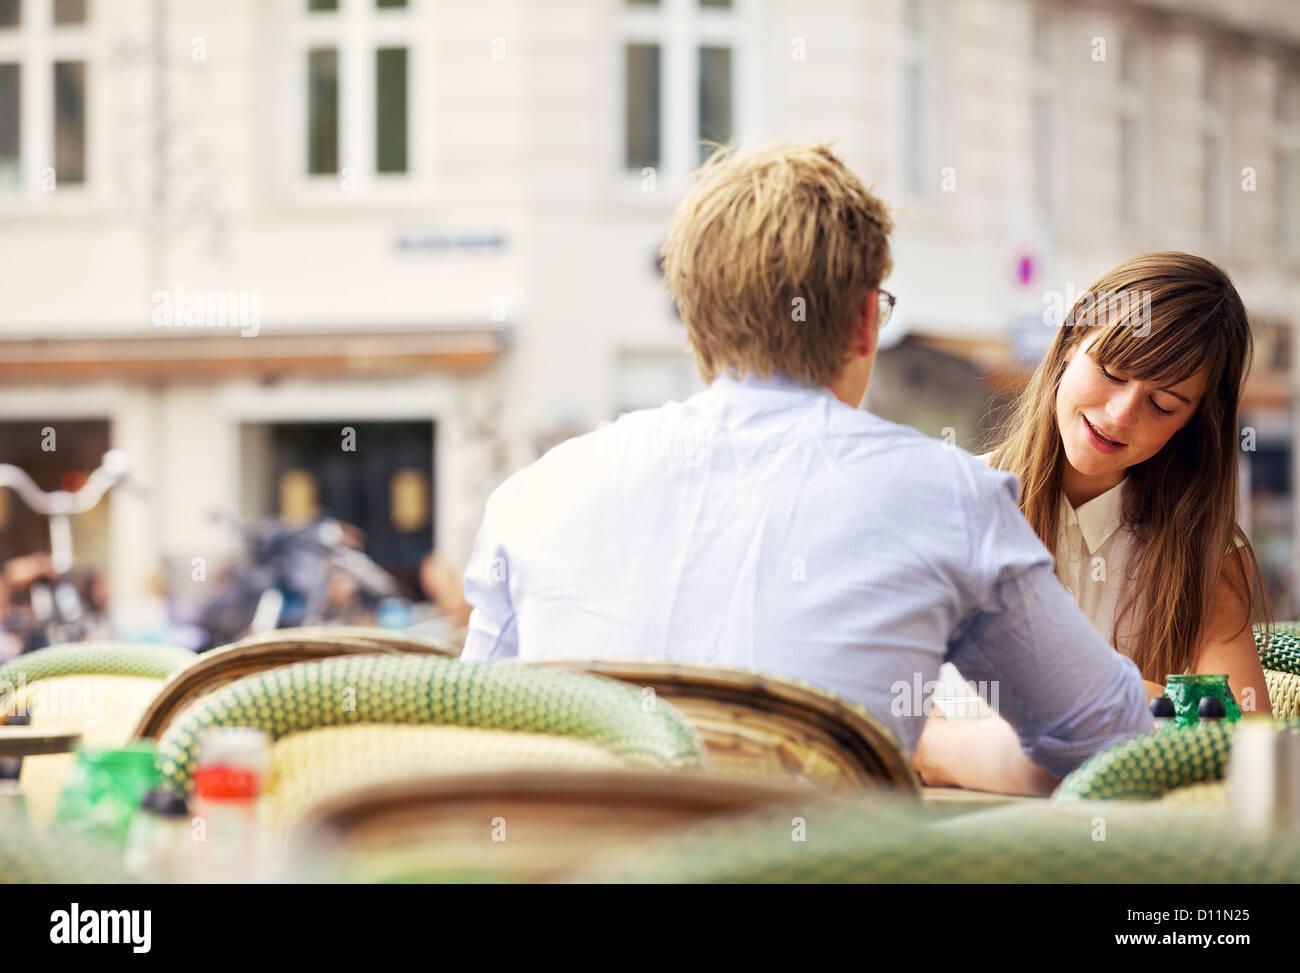 Femme d'avoir une conversation avec elle ce jour dans un restaurant en plein air Banque D'Images